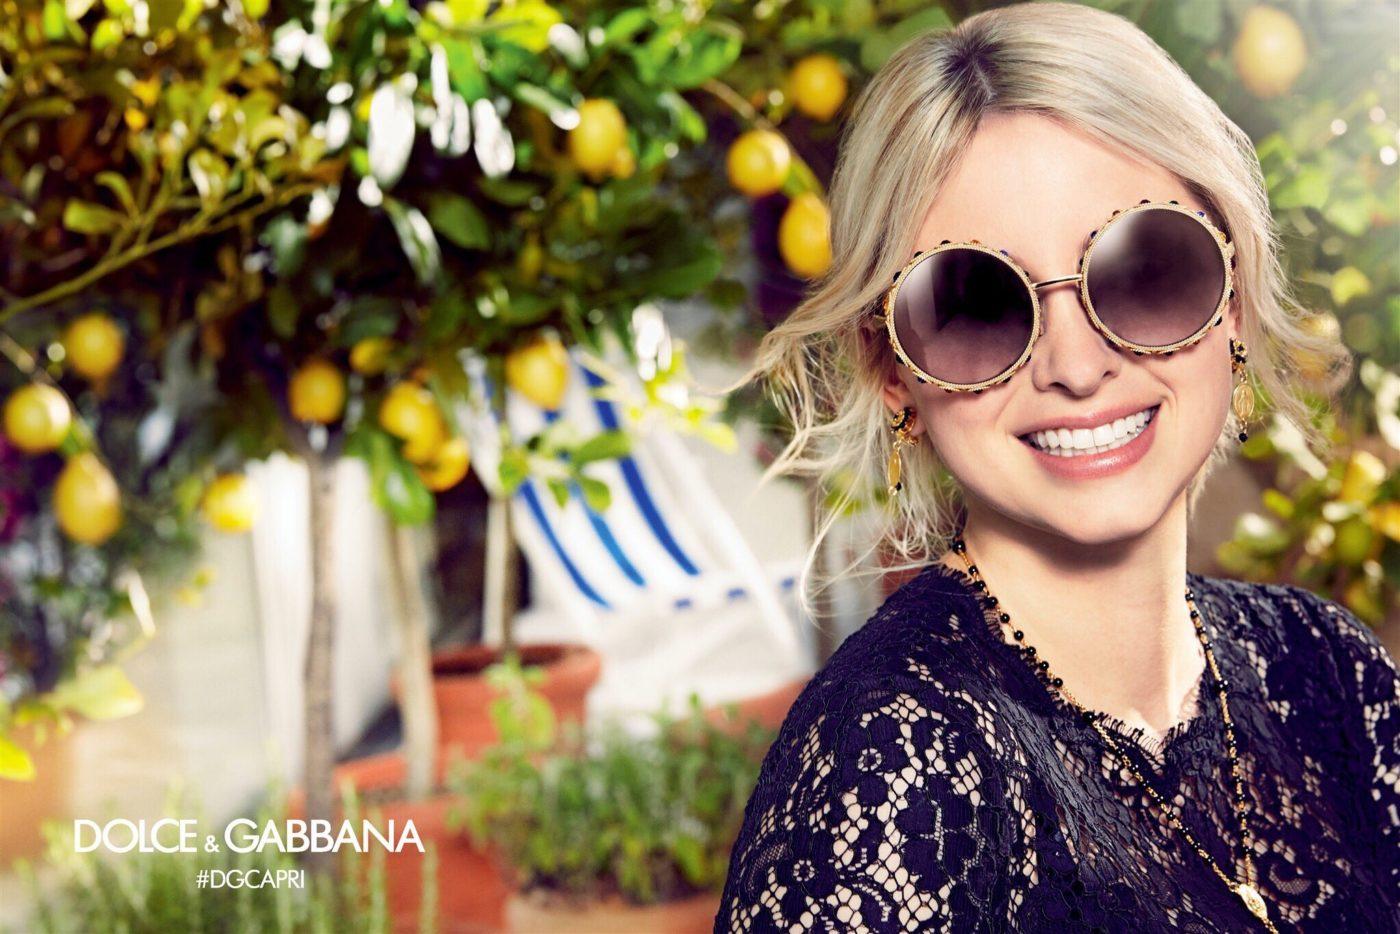 dolce gabbana spring 2017 eyewear campaign 4 - Dolce Gabbana Frames